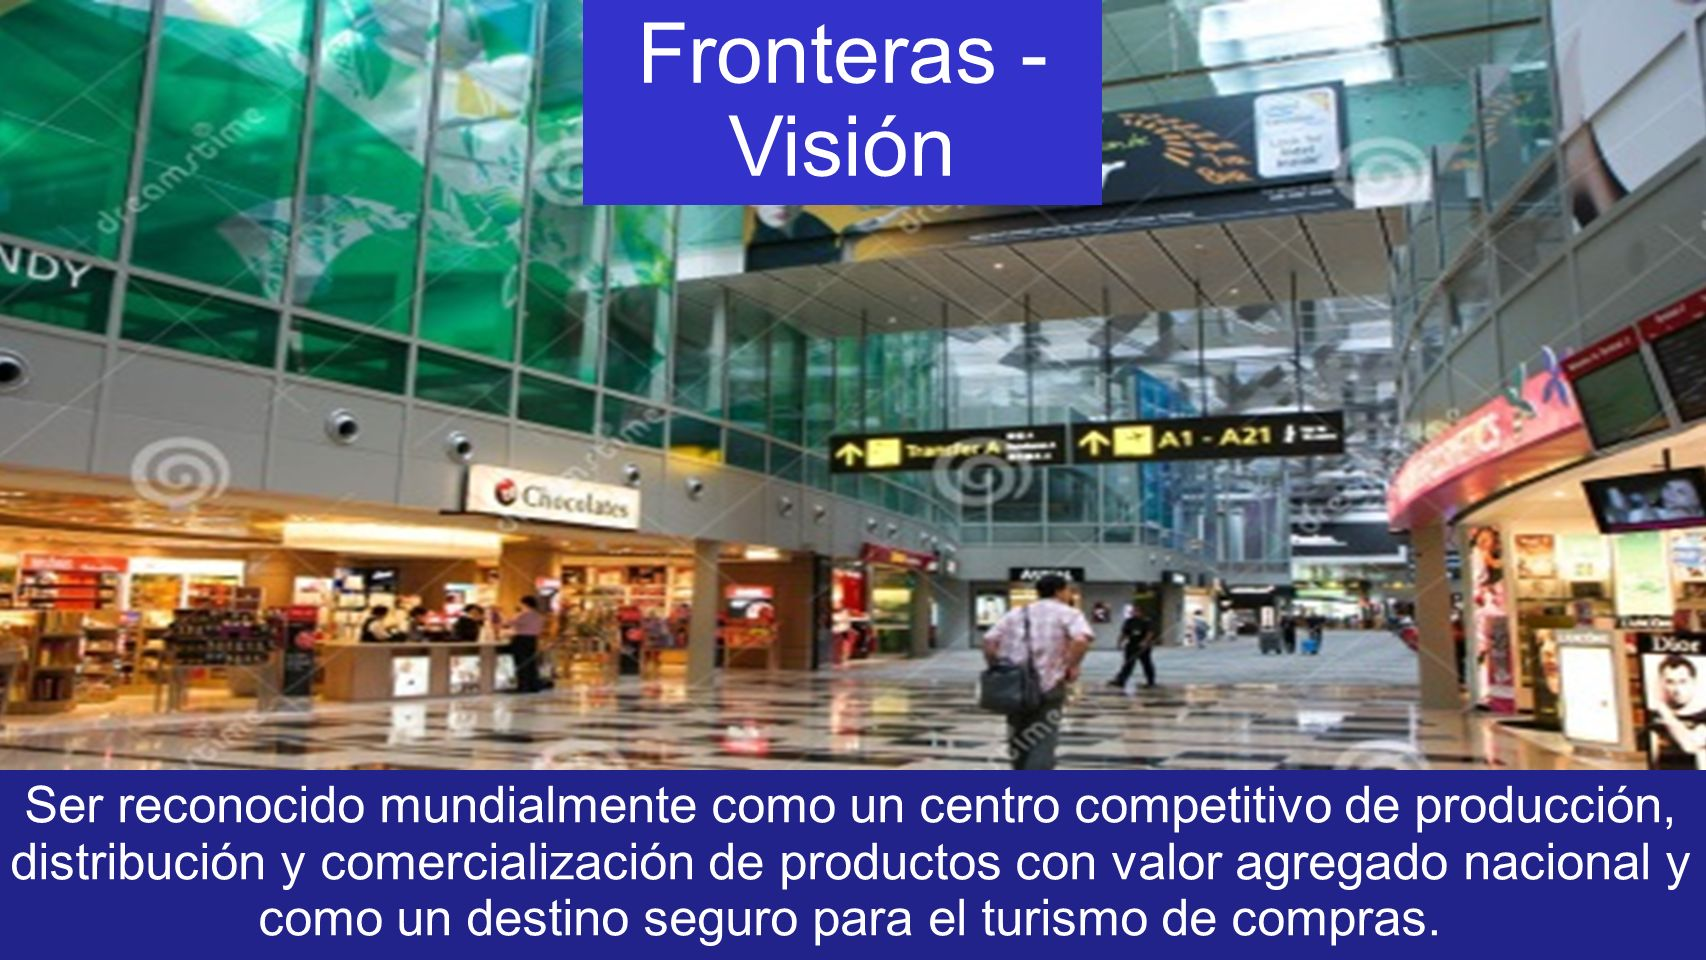 Fronteras - Visión